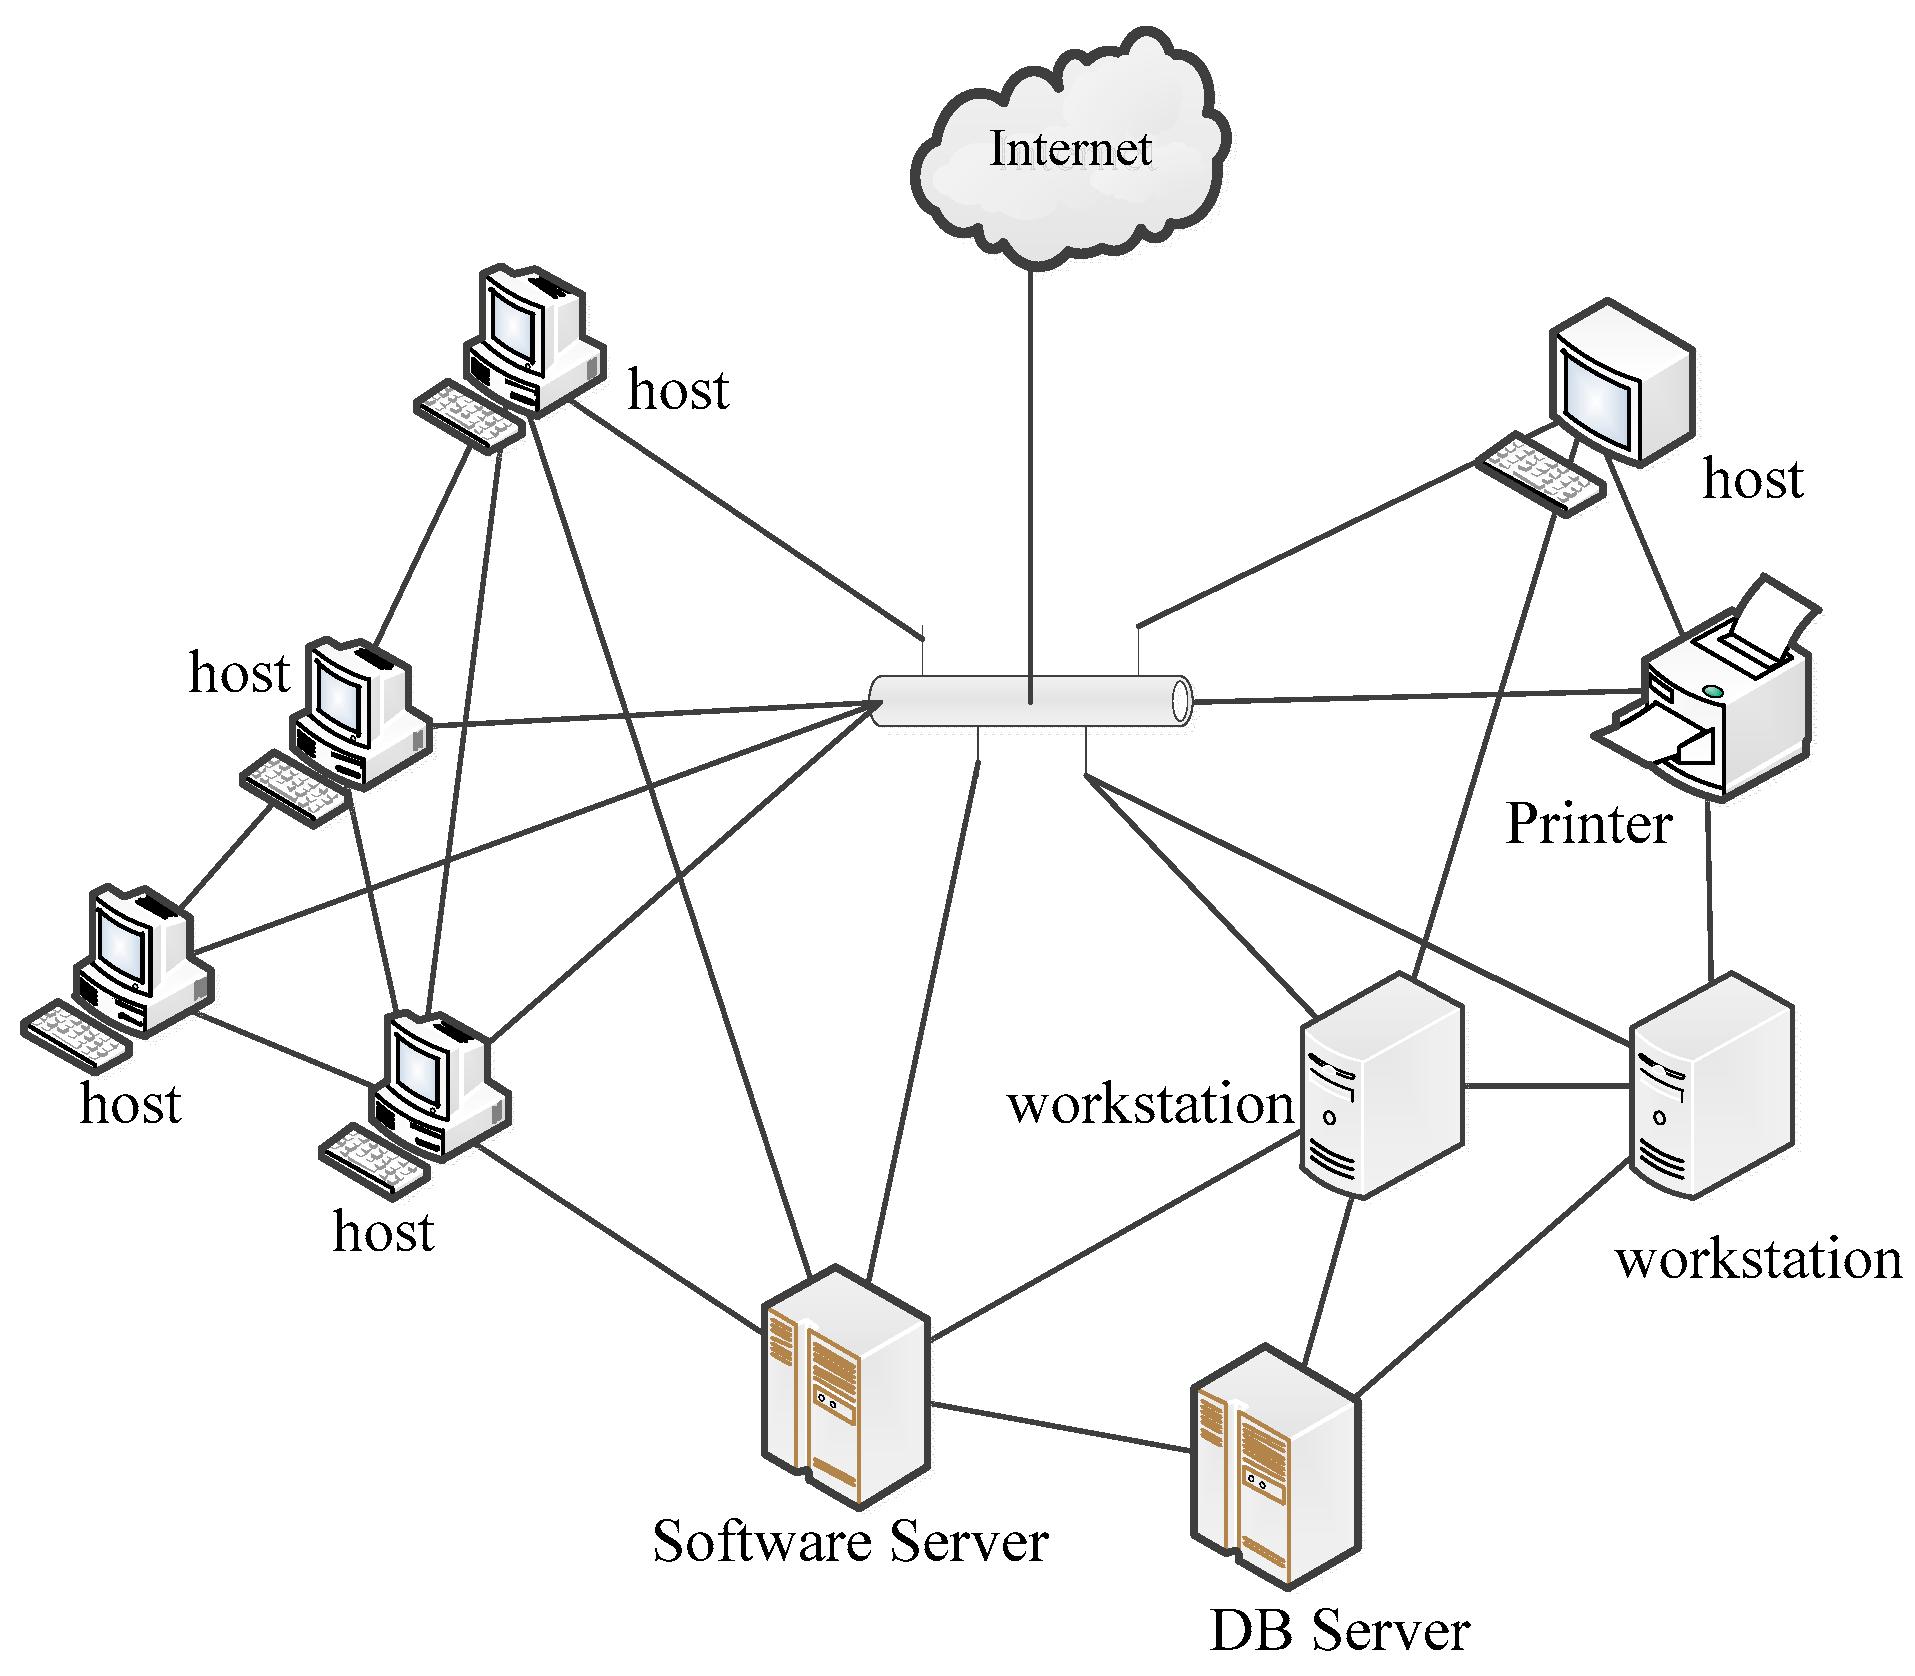 Network Diagram Drawing At Getdrawings